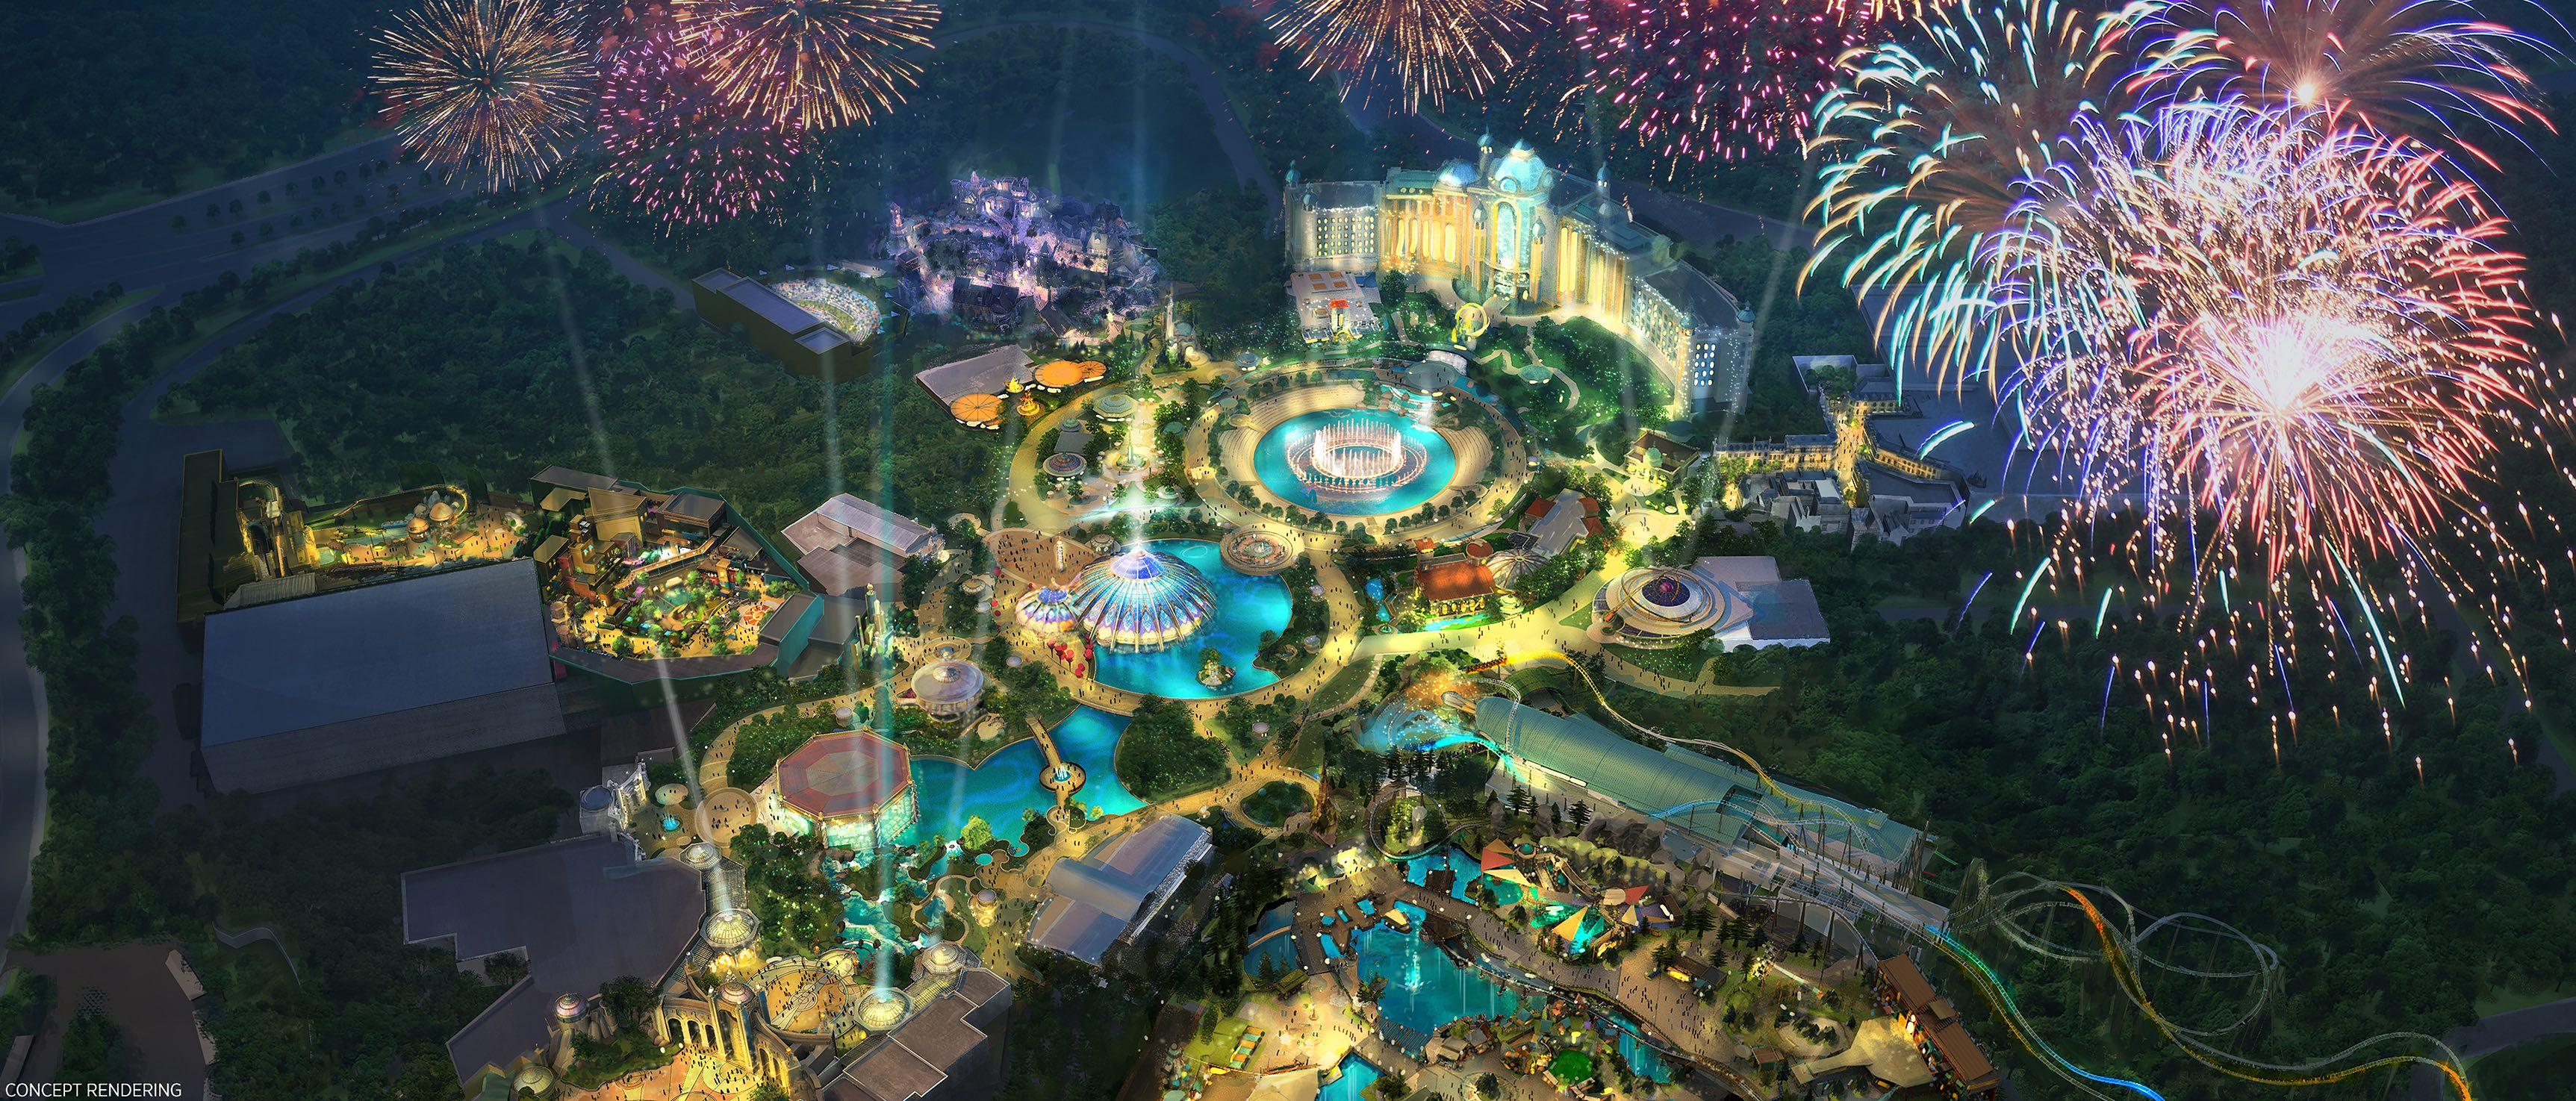 Concept art de como será o Epic Universe, o novo parque da Universal. A imagem é uma vista de cima de um parque de diversões iluminado à noite, com fogos de artifício no céu.